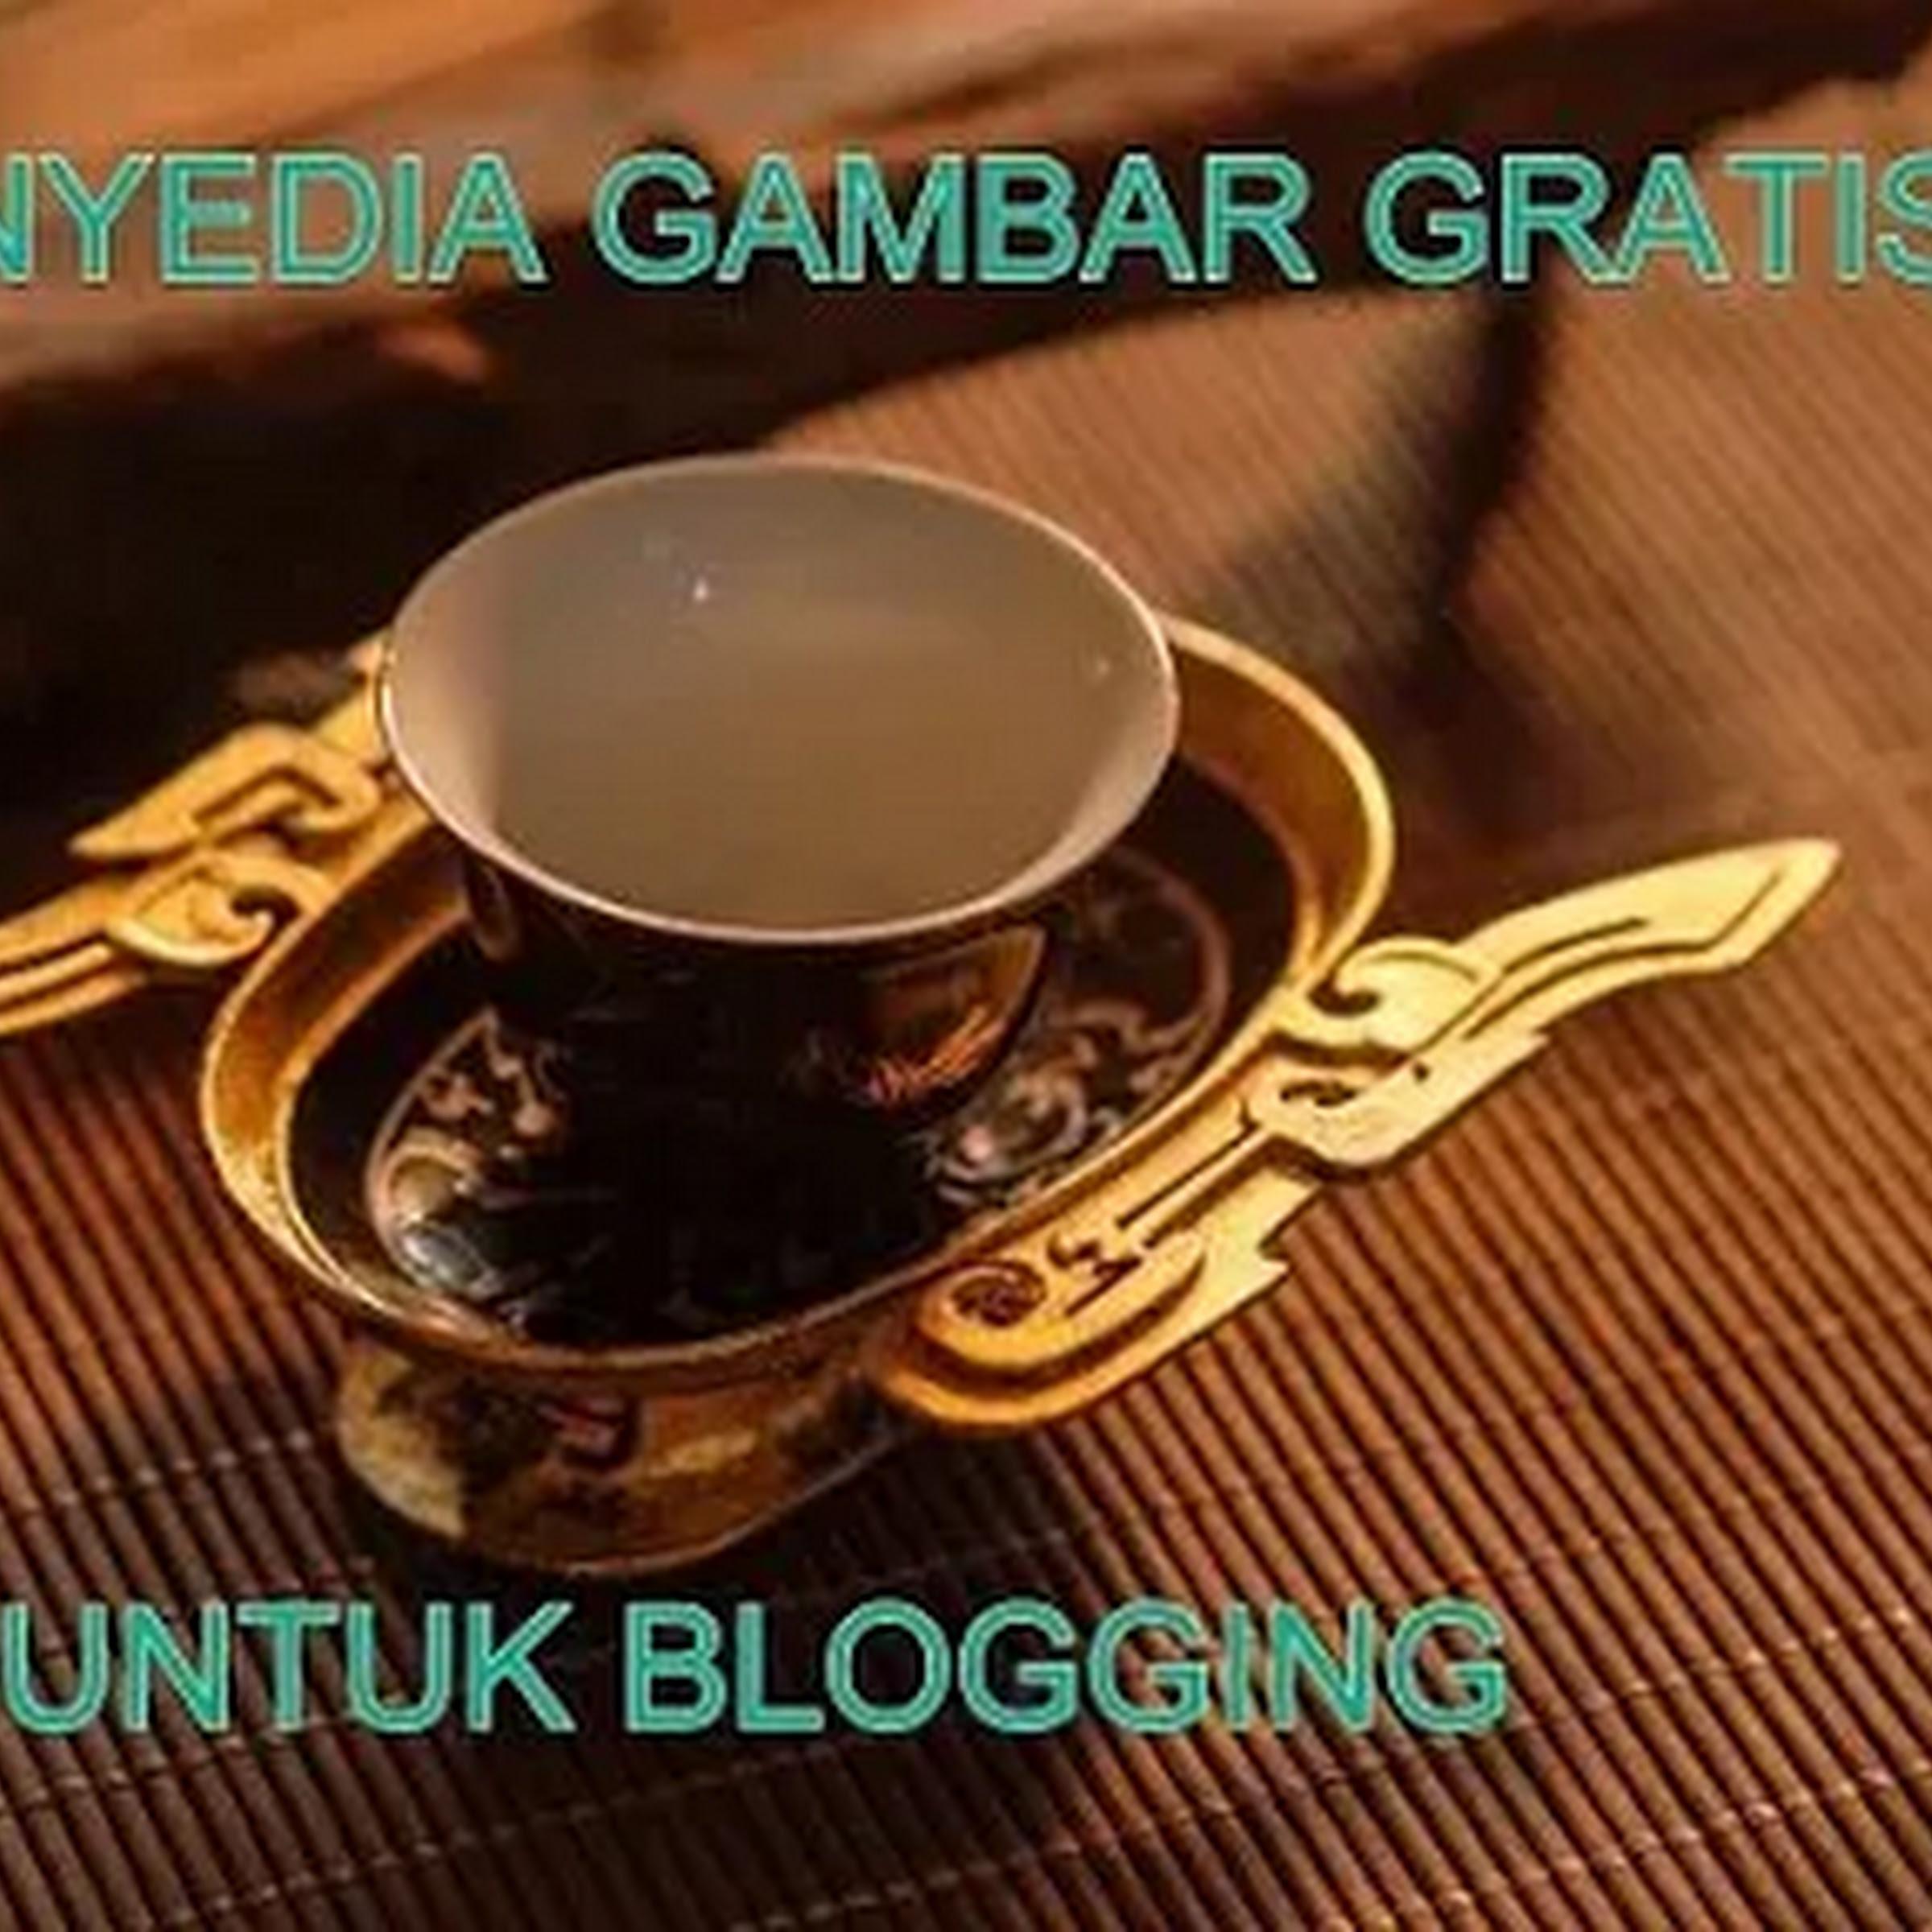 tutorial dan sharing bisnis dan internet, bisnis online, blogging, peluang usaha, dan kisah sukses dari para pelaku usaha